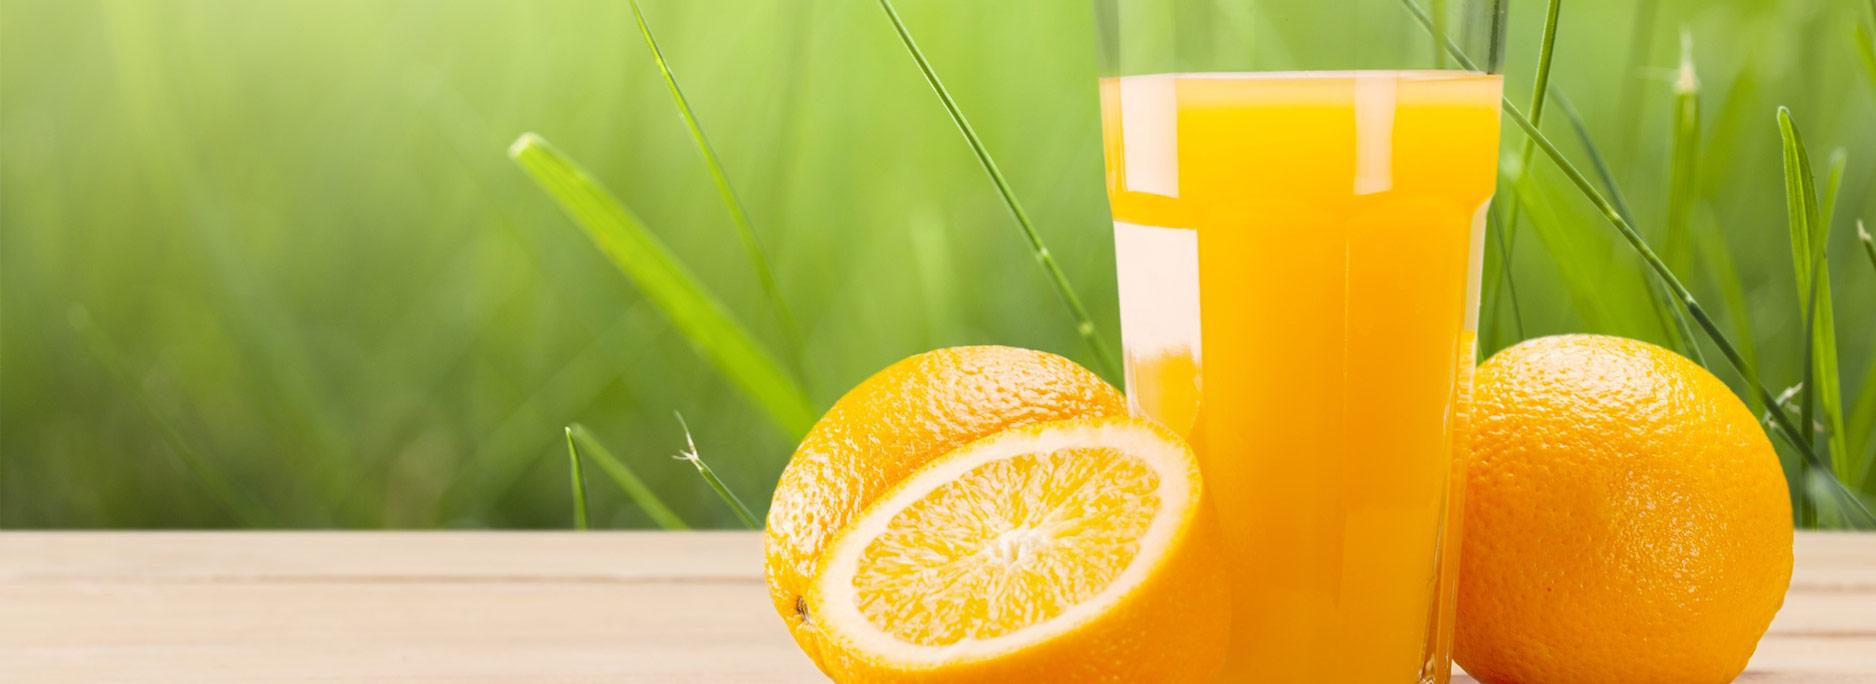 genauso gesund wie ein glas orangensaft aloe vera in allen geschmacksrichtungen. Black Bedroom Furniture Sets. Home Design Ideas